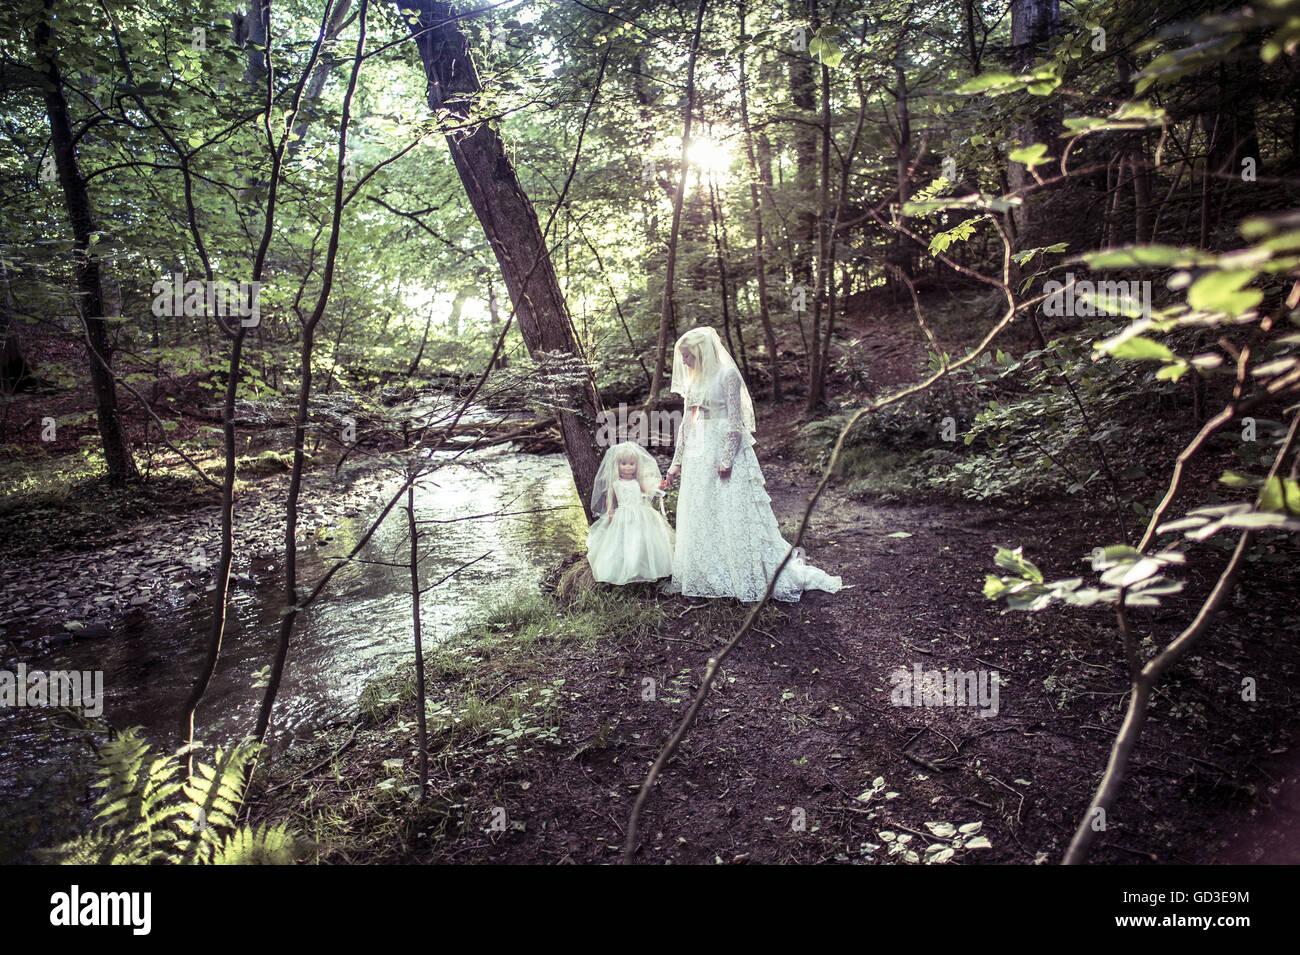 Pesadilla con mujer vestida de blanco